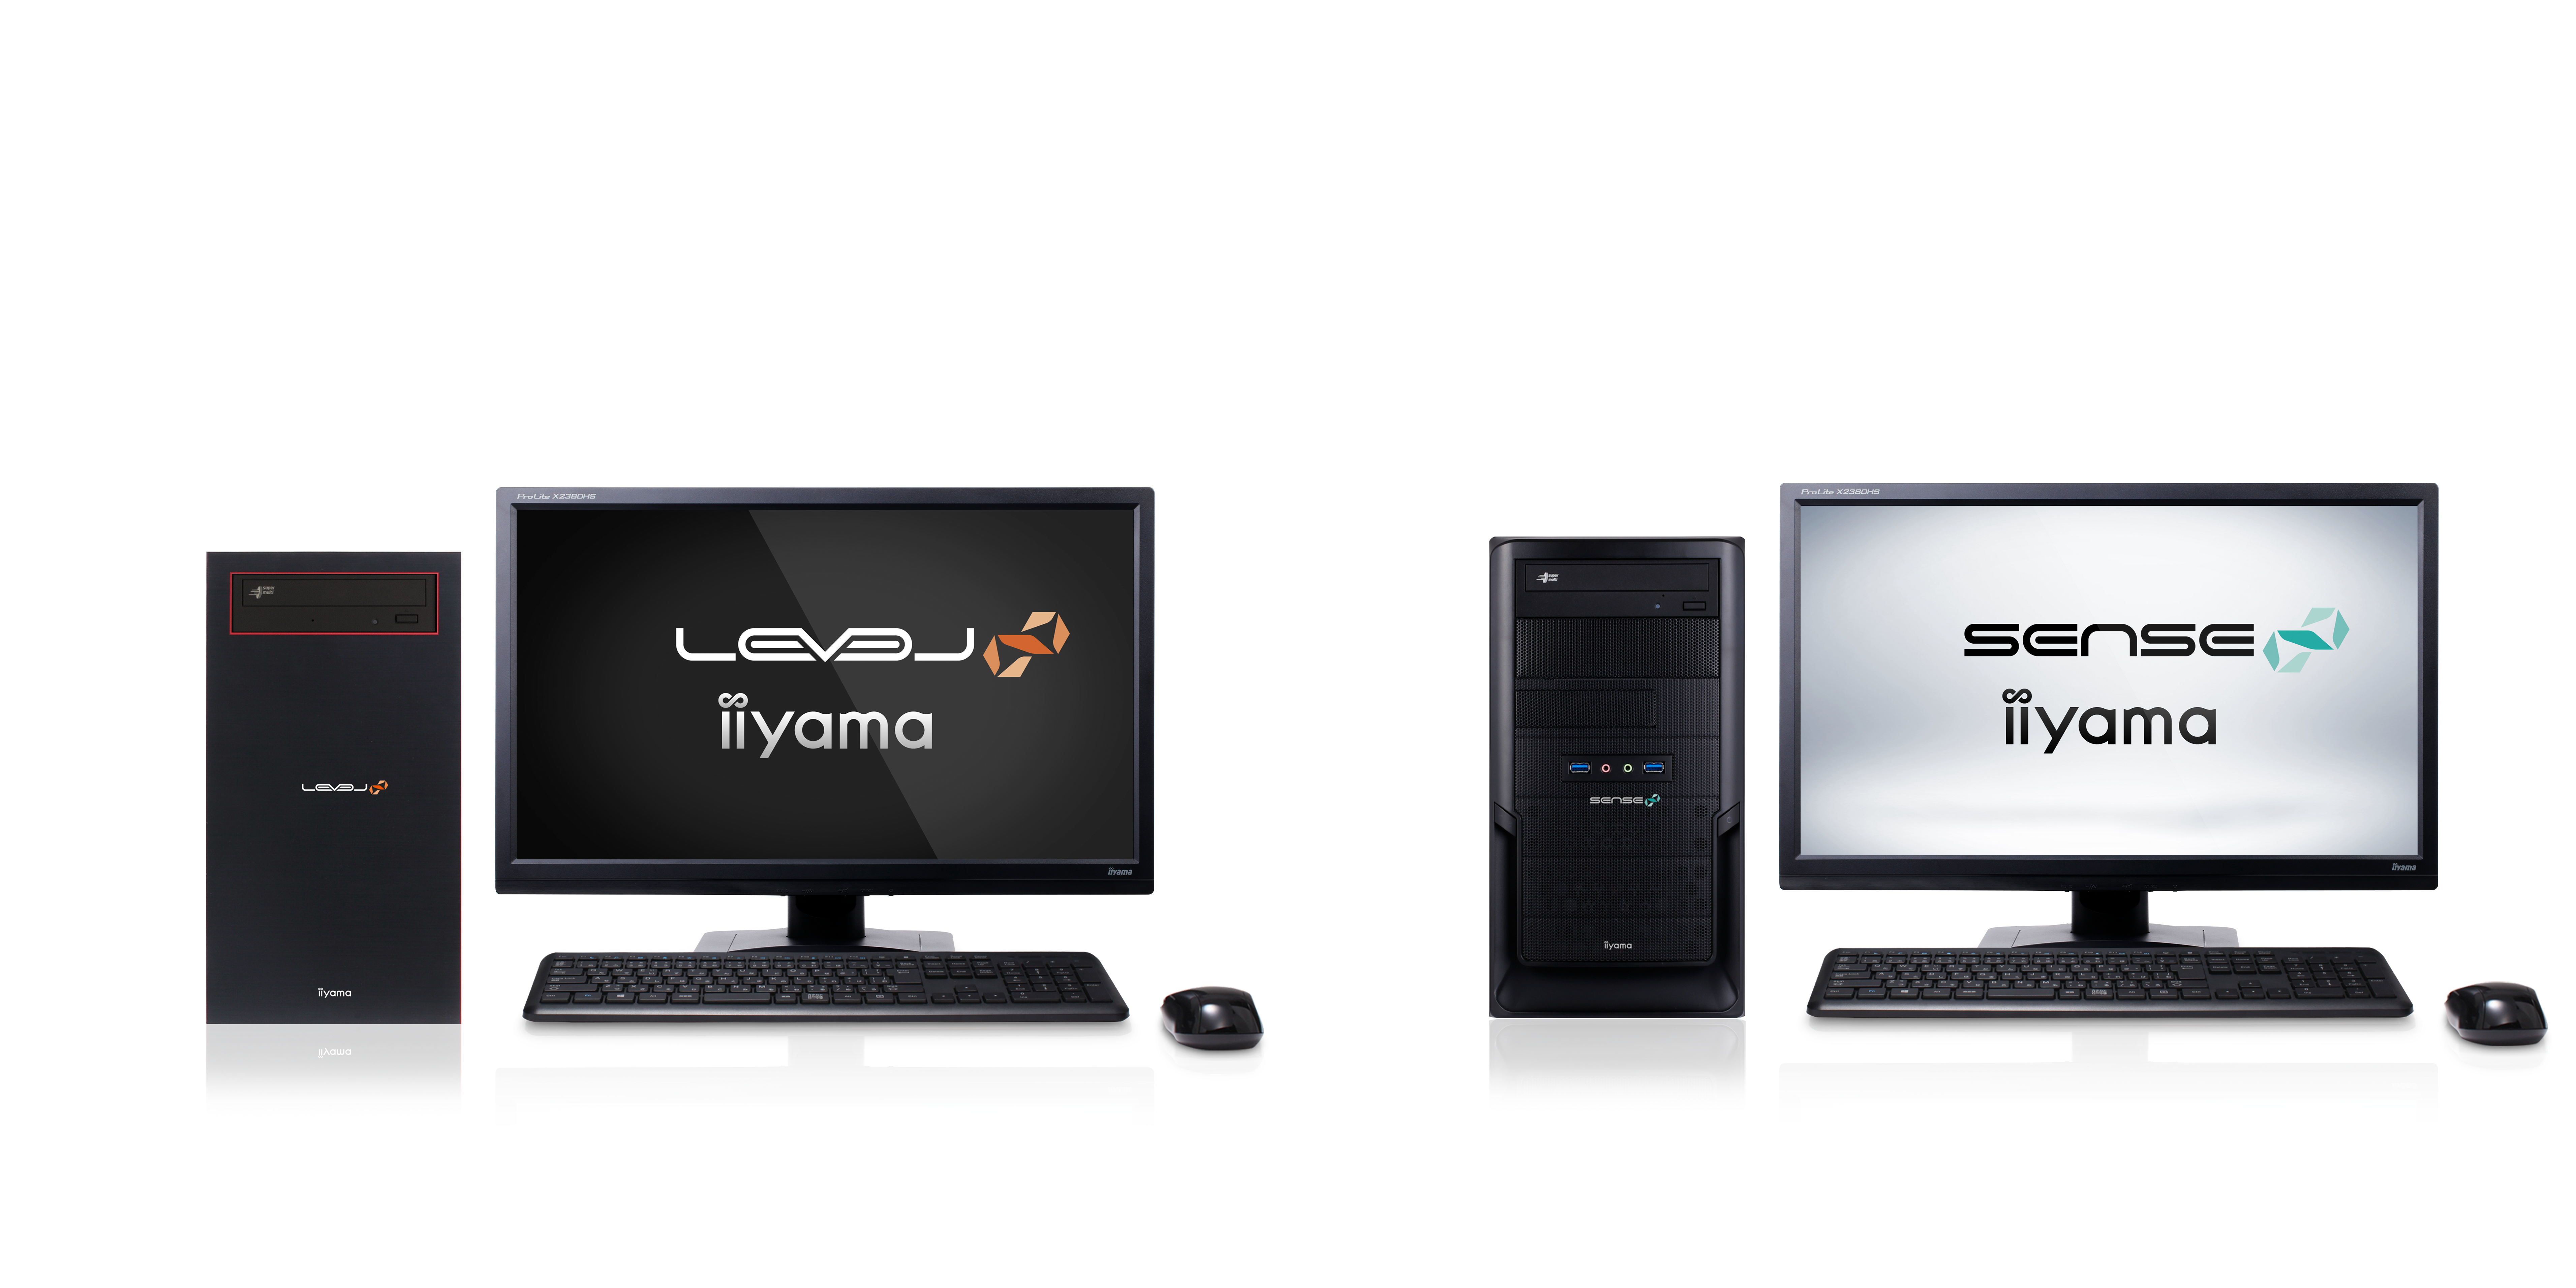 iiyama PCより、AMD Ryzen™ プロセッサーを搭載した スリム/ミニタワーモデルのライ... 画像